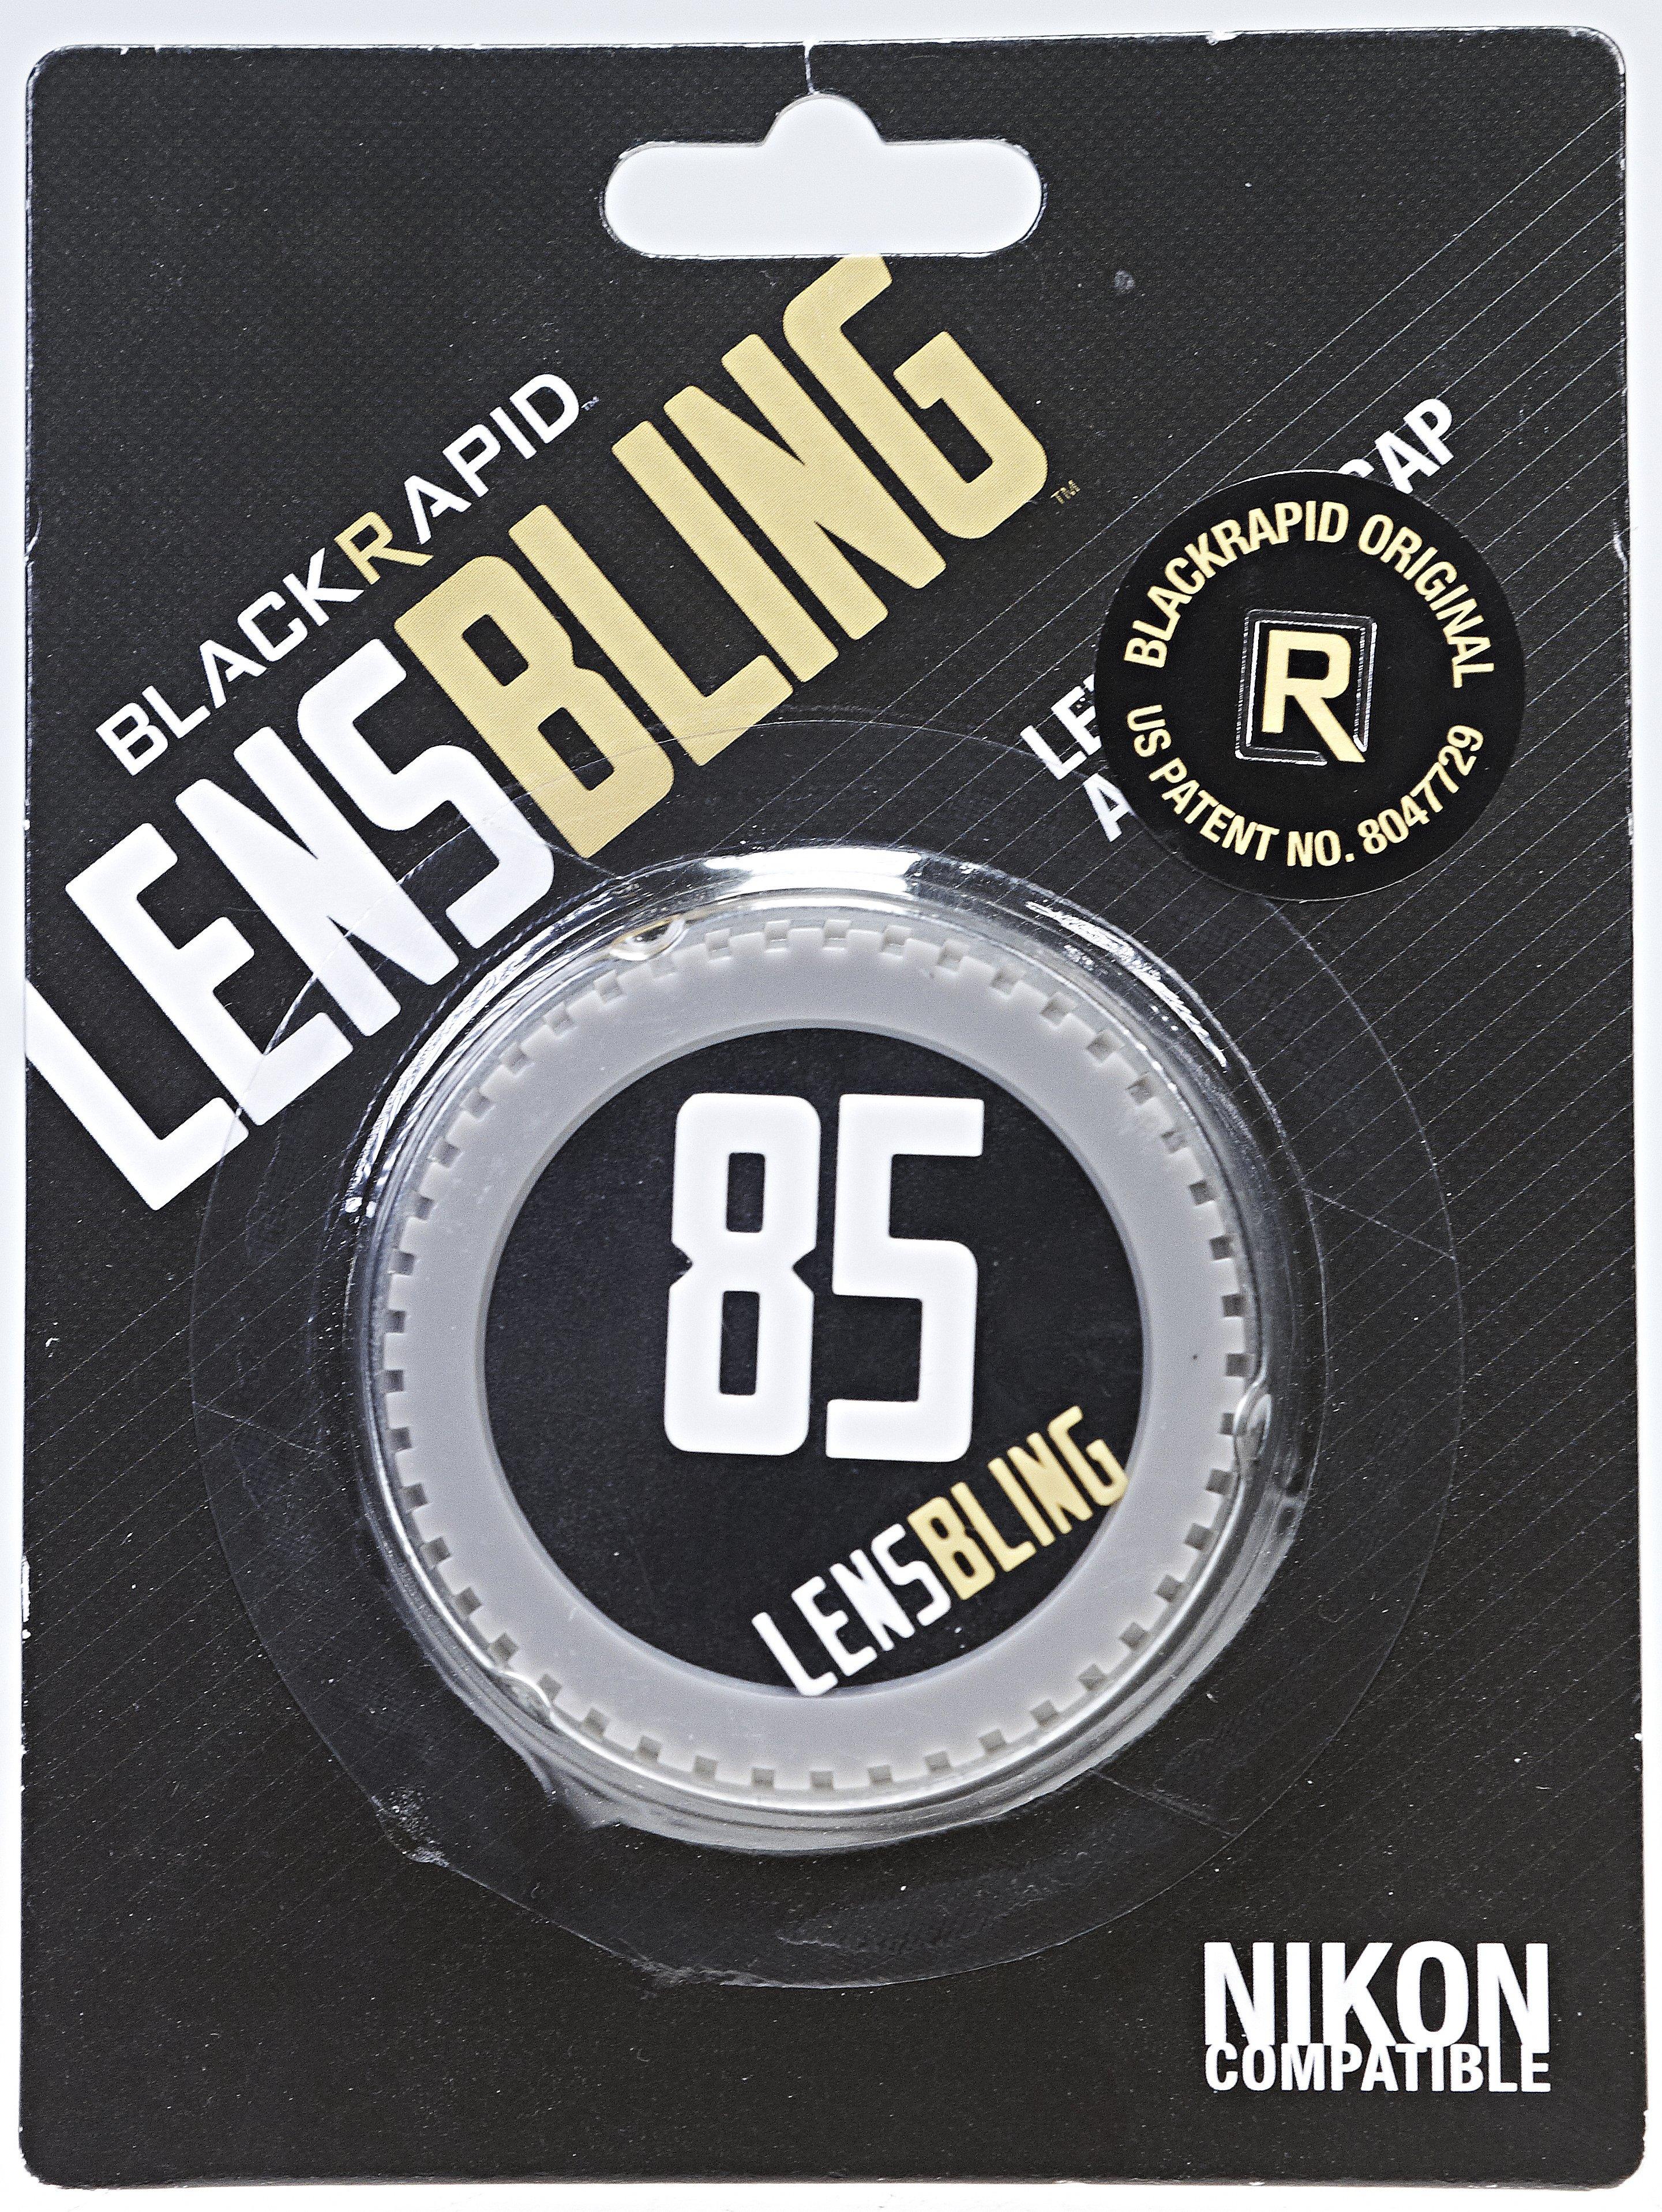 BLACKRAPID krytka objektivu zadní pro Nikon 85 mm